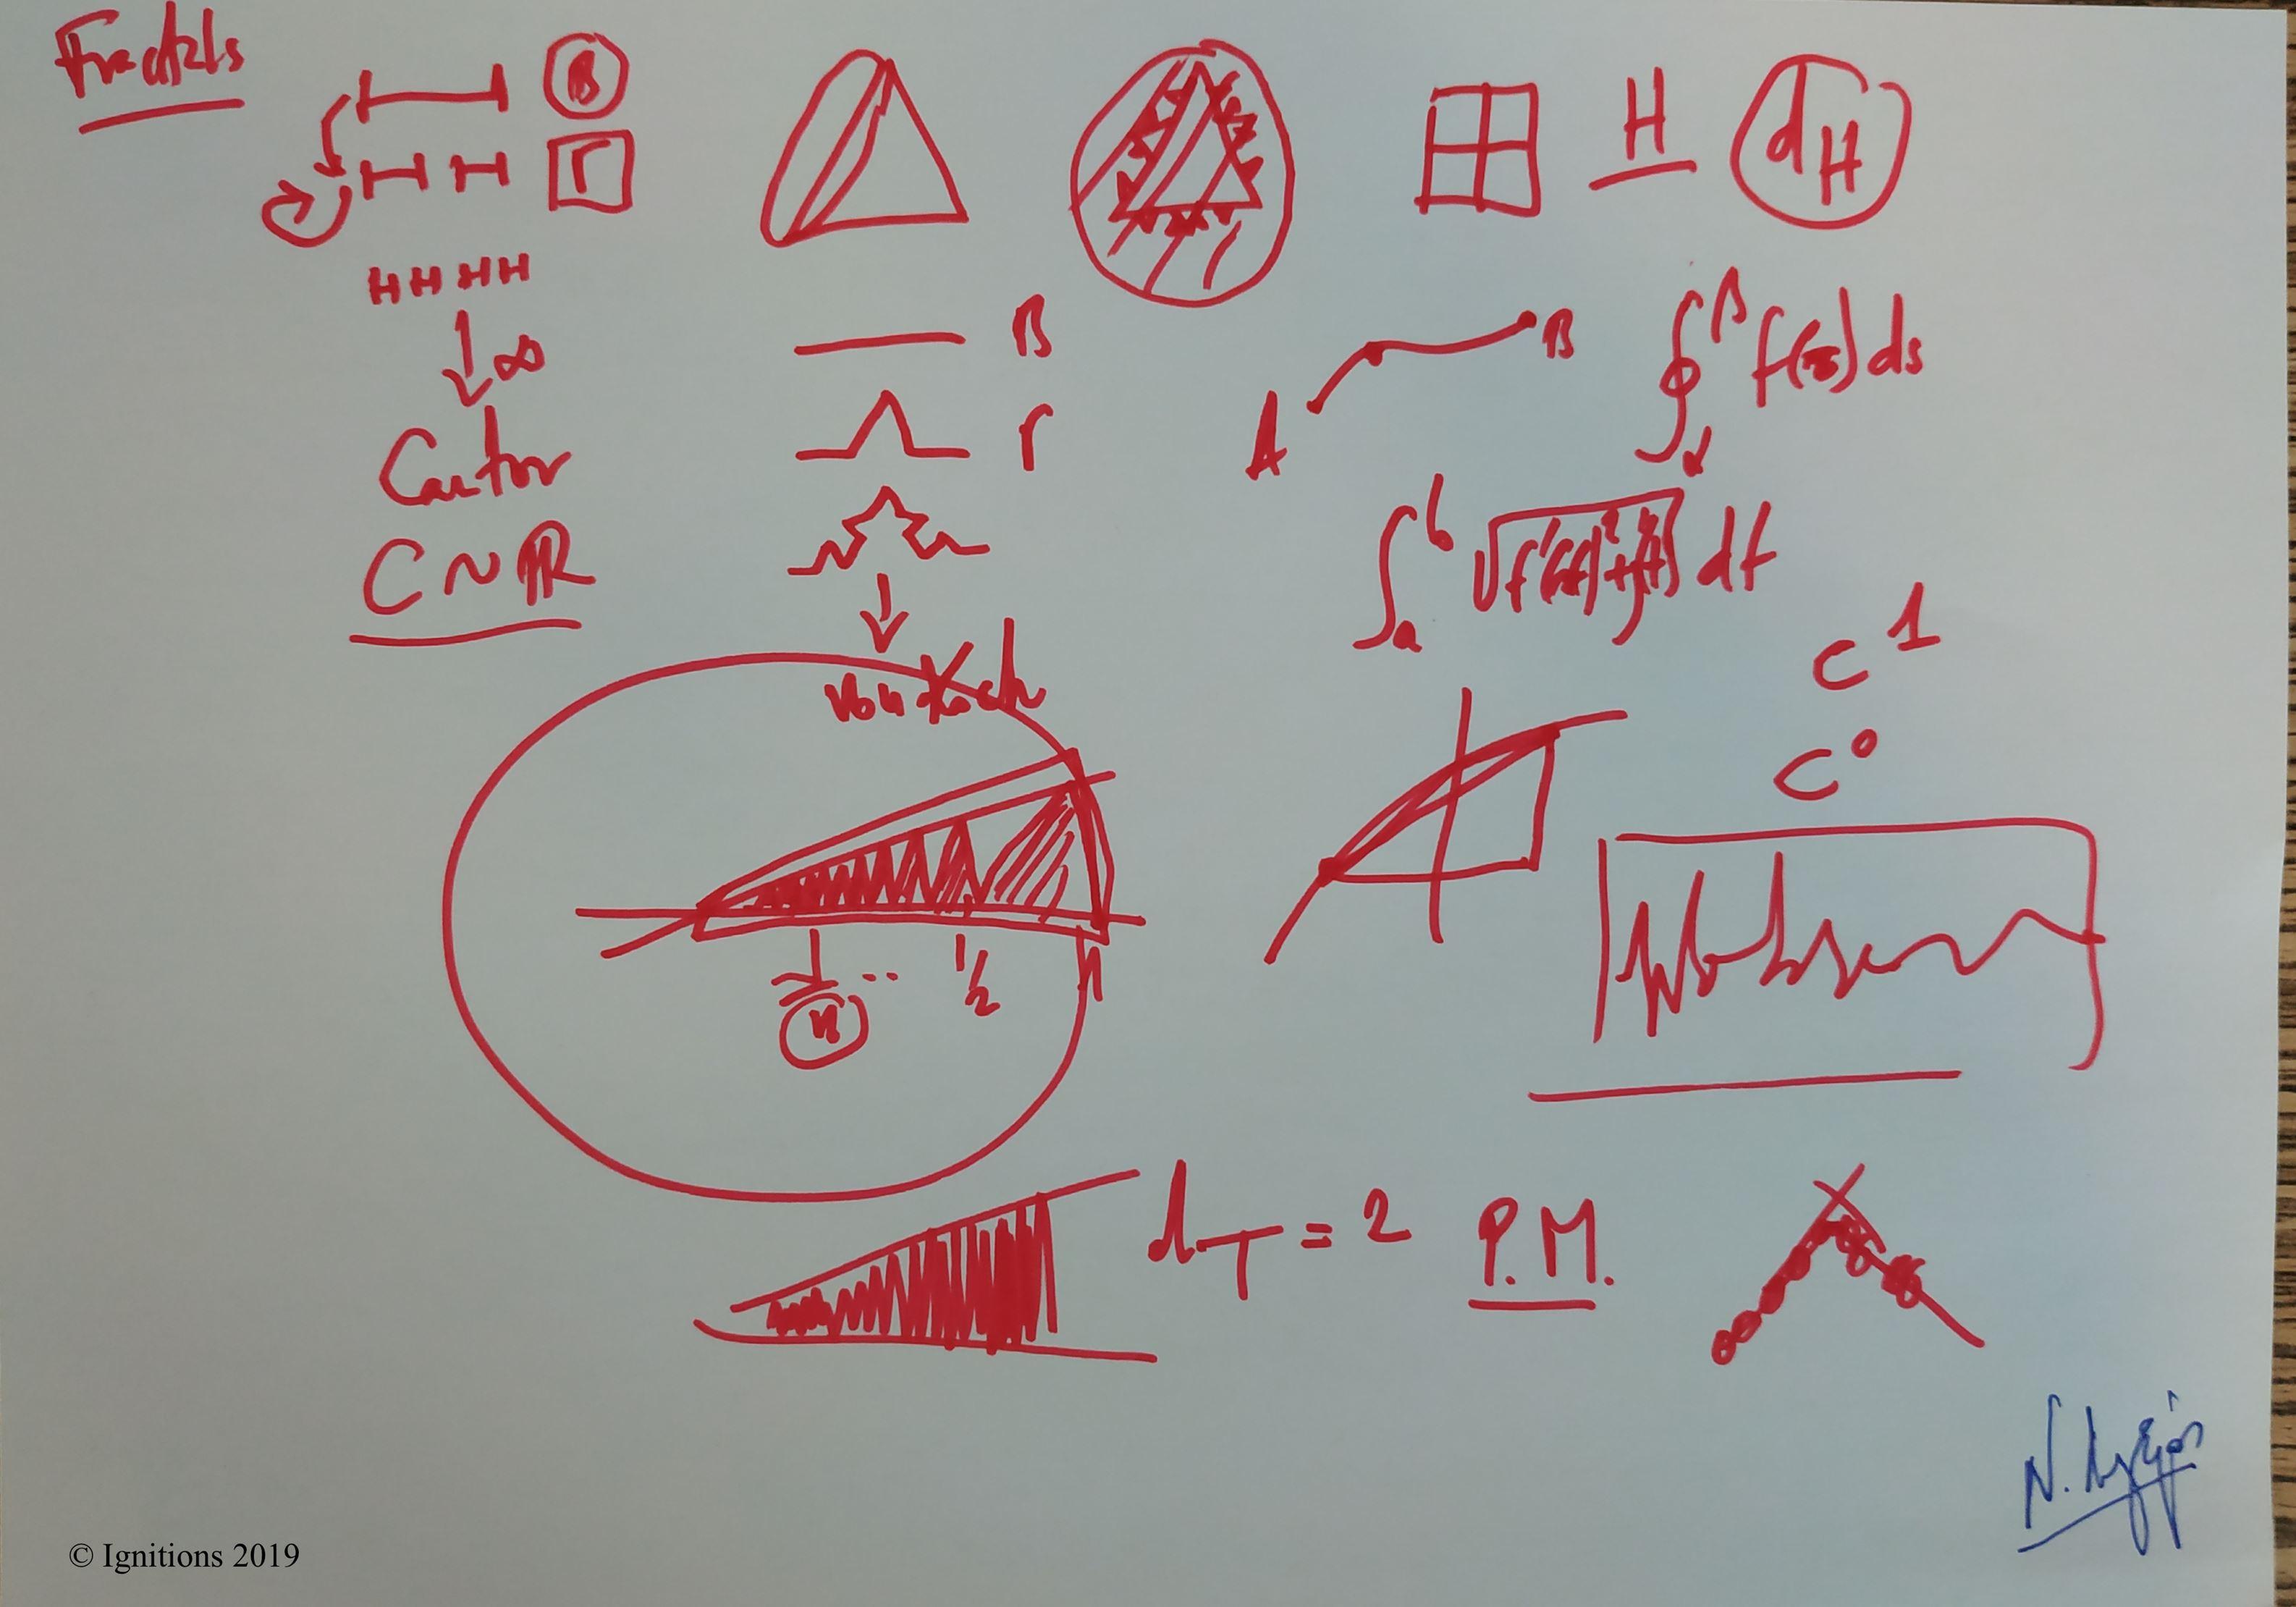 Στρατηγική, Μαθηματικά και Εφαρμογές III. (Dessin)